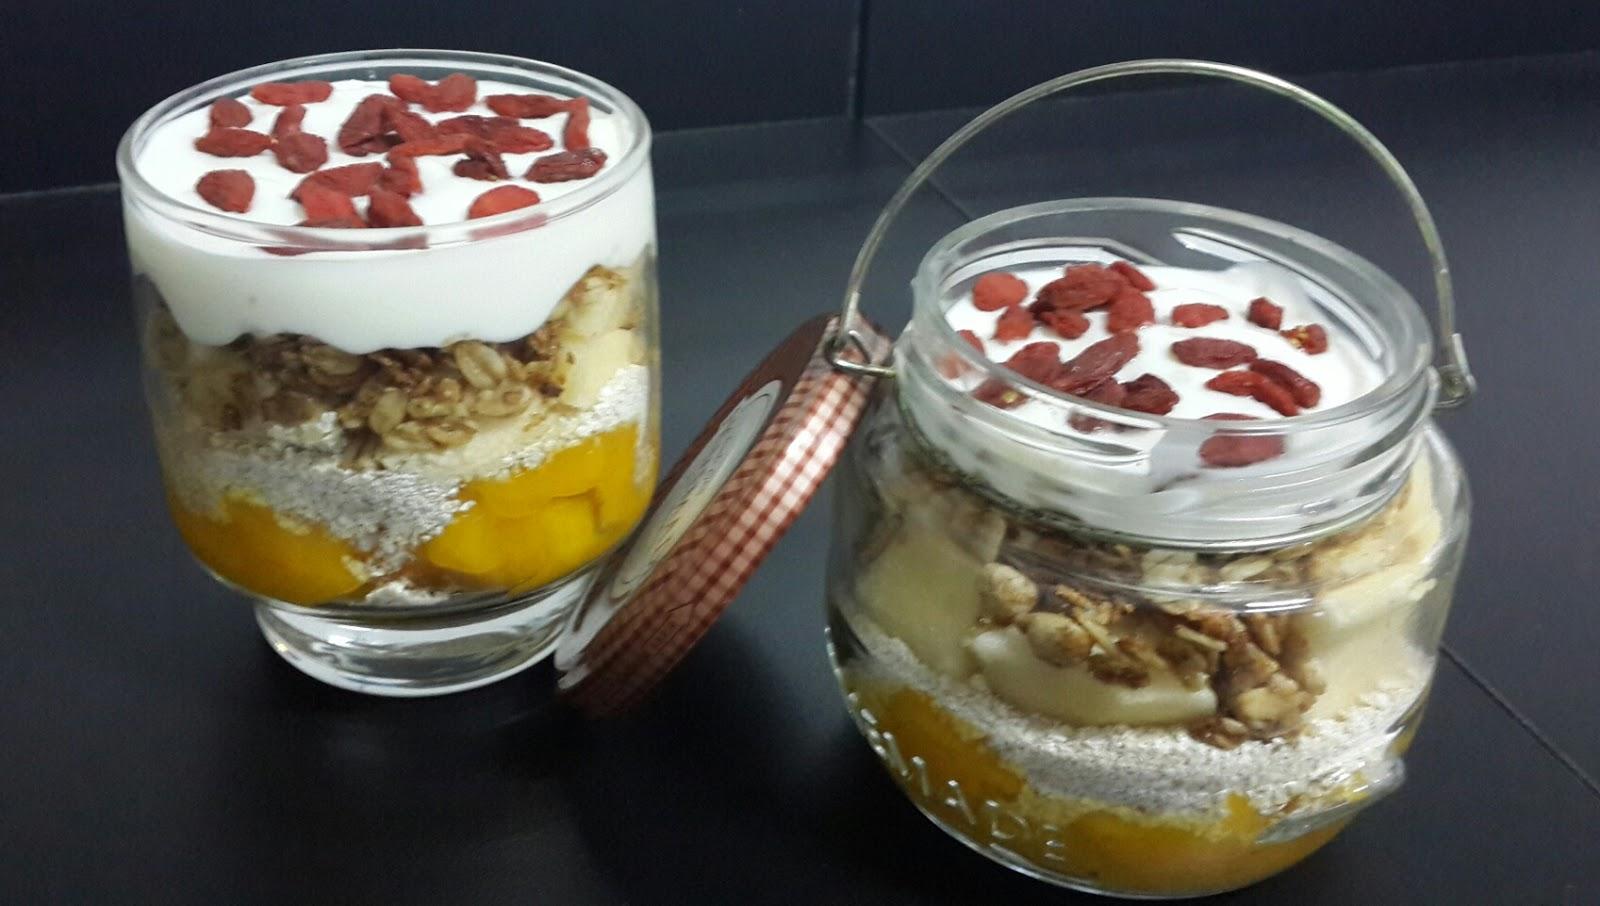 Resultado de imagem para overnight oats receita